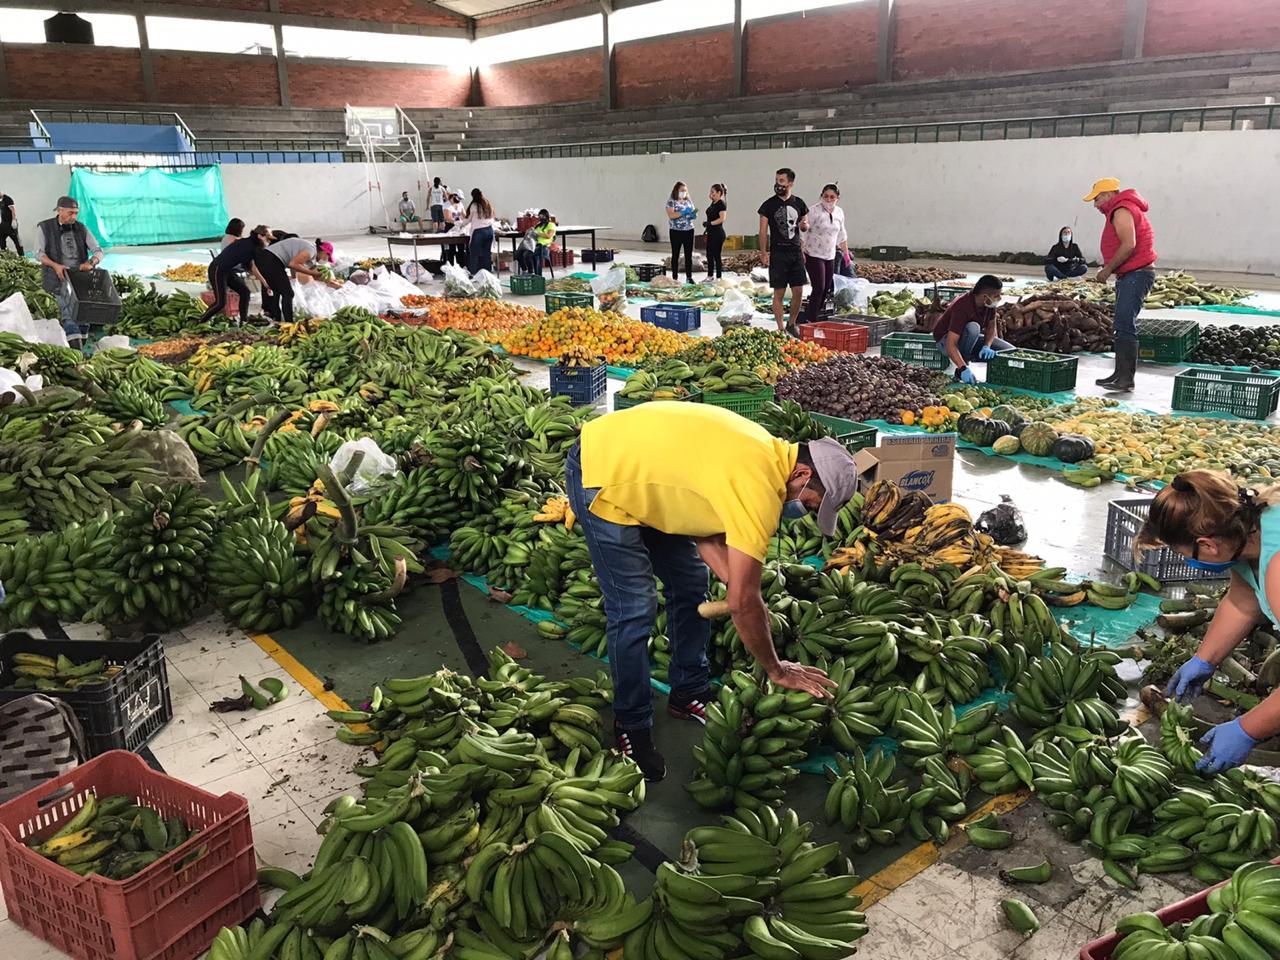 Por su producción y variedad al municipio se le considera la despensa agrícola de Colombia.